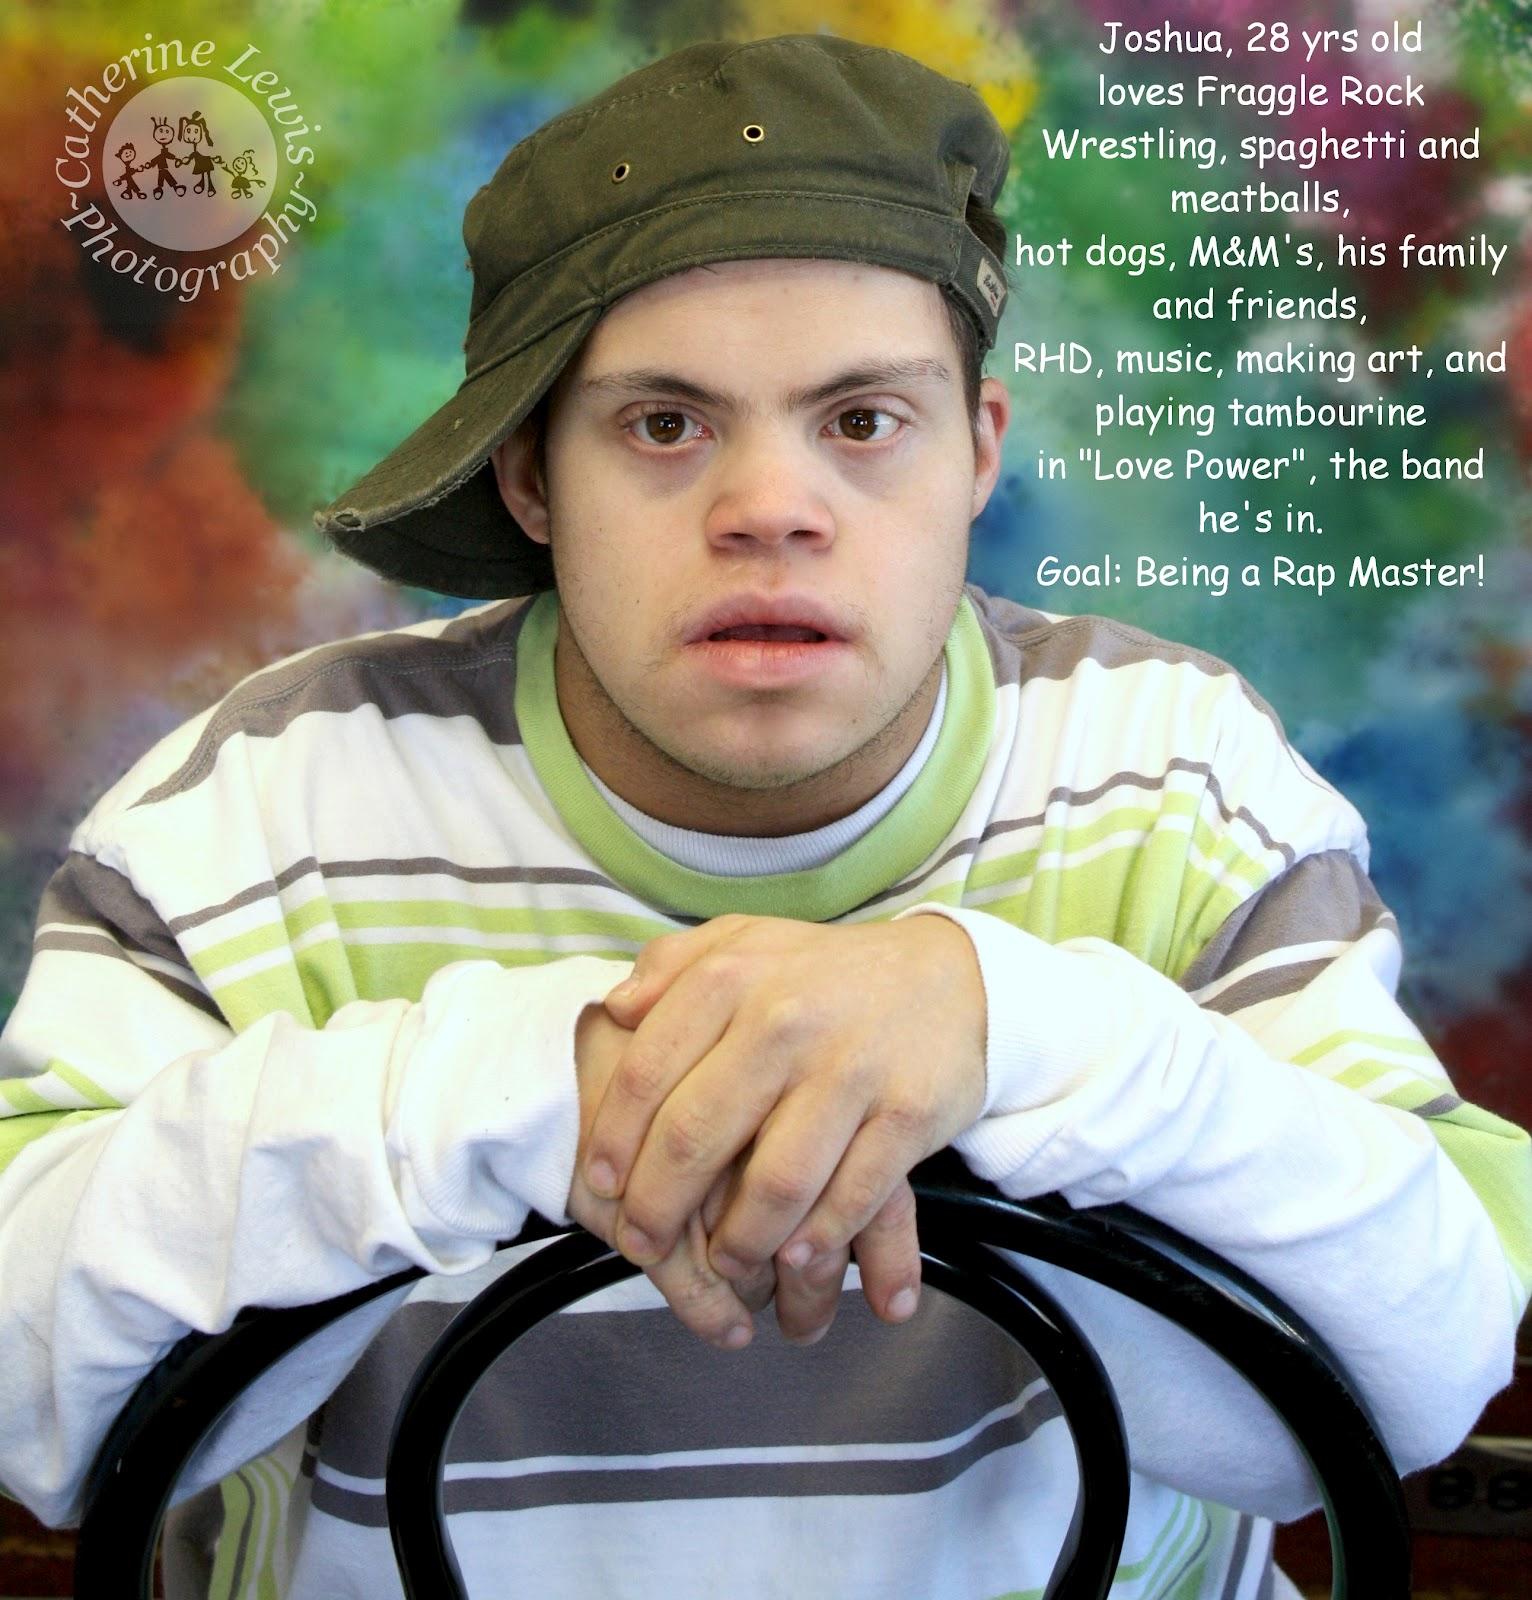 http://1.bp.blogspot.com/-pqnSU_j-1Hw/T5Ciwh9yC6I/AAAAAAAAC8Y/RTx9md__f6Q/s1600/Joshua.jpg